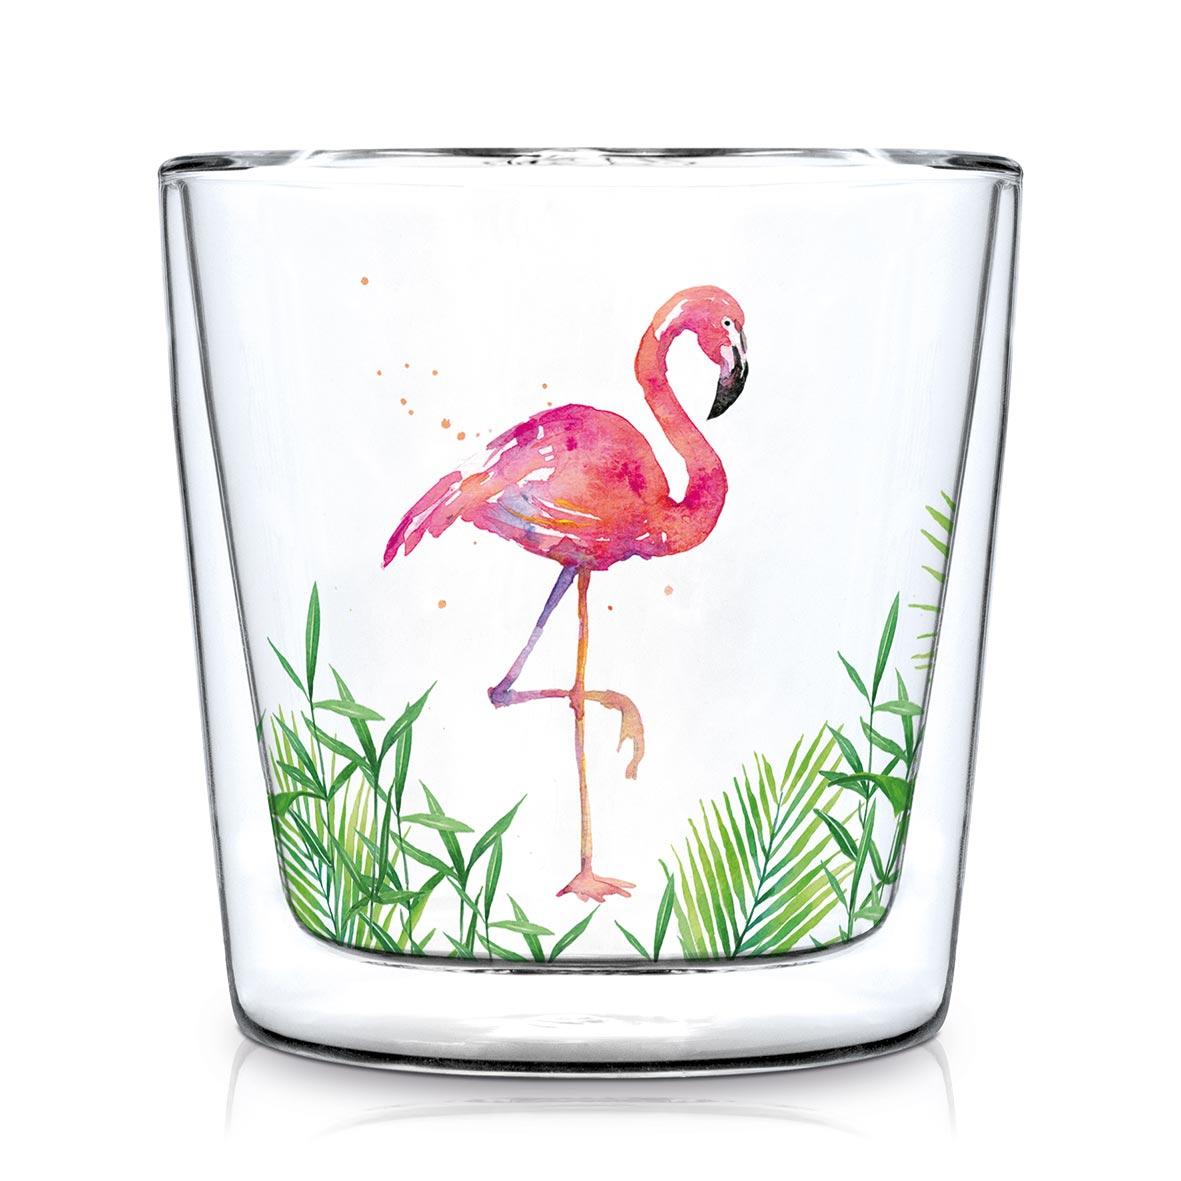 双层玻璃 - Doublewall Trendglass Tropical Flamingo